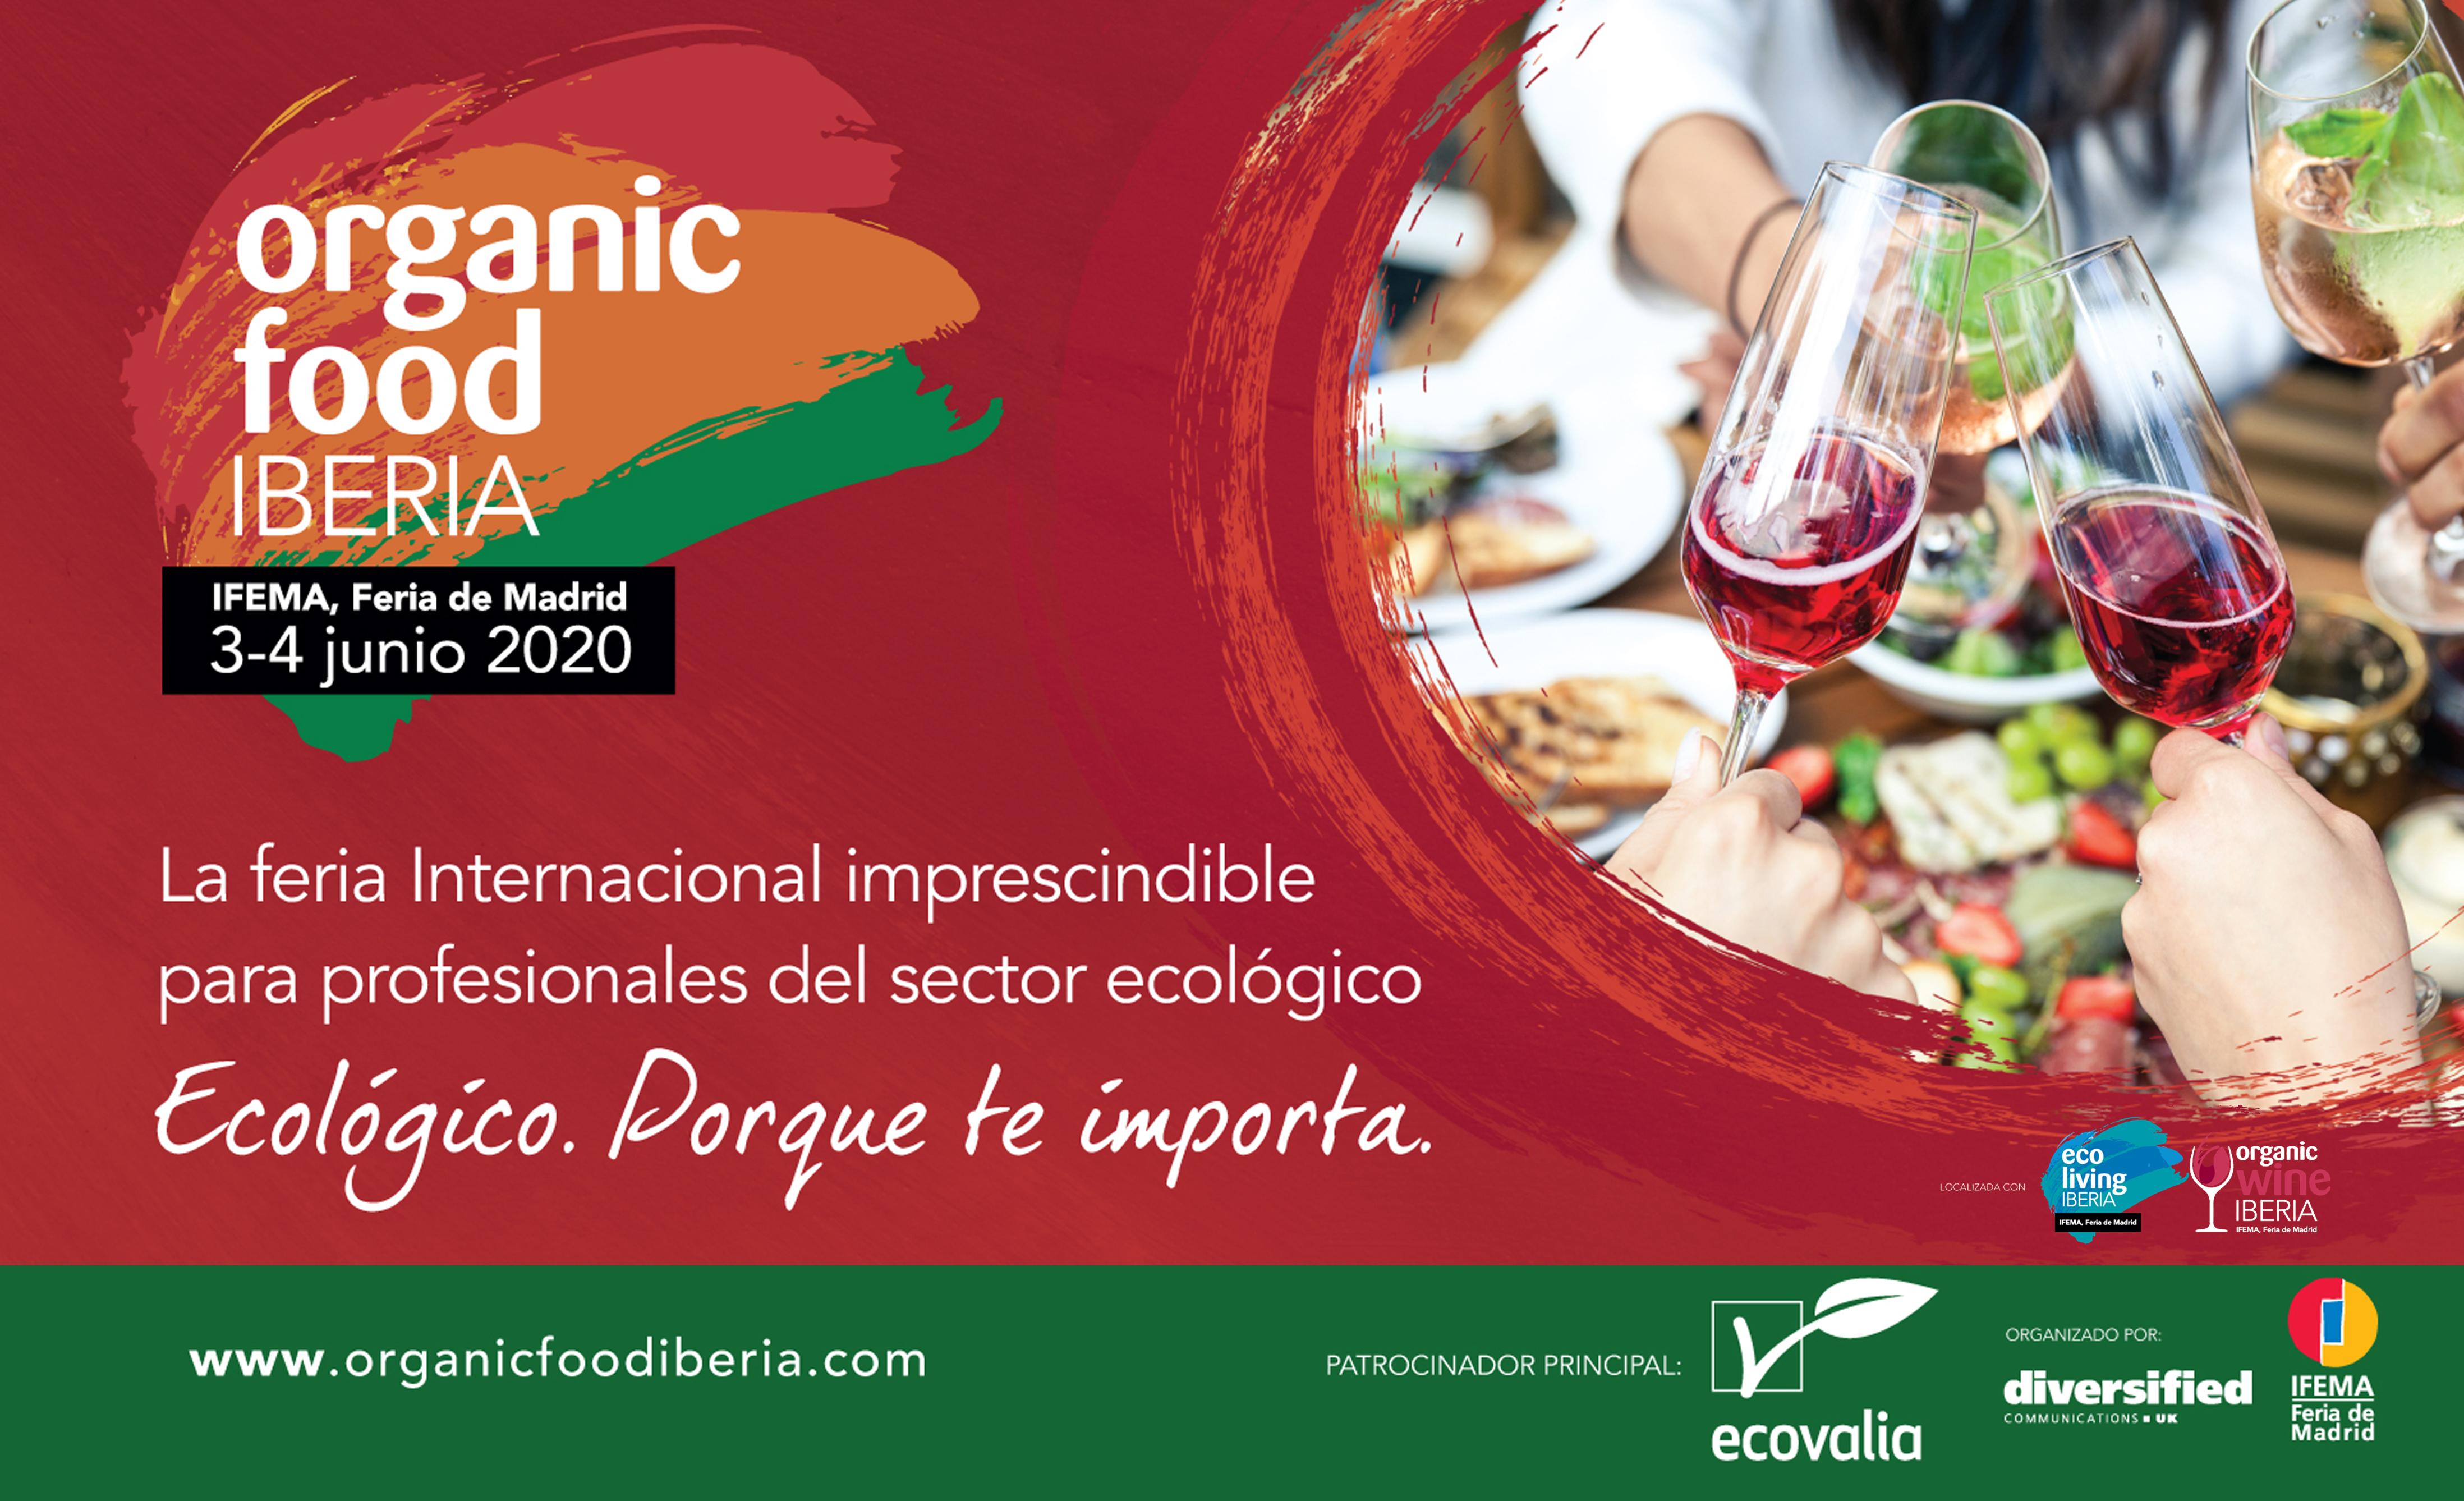 ORGANIC FOOD IBERIA 2020